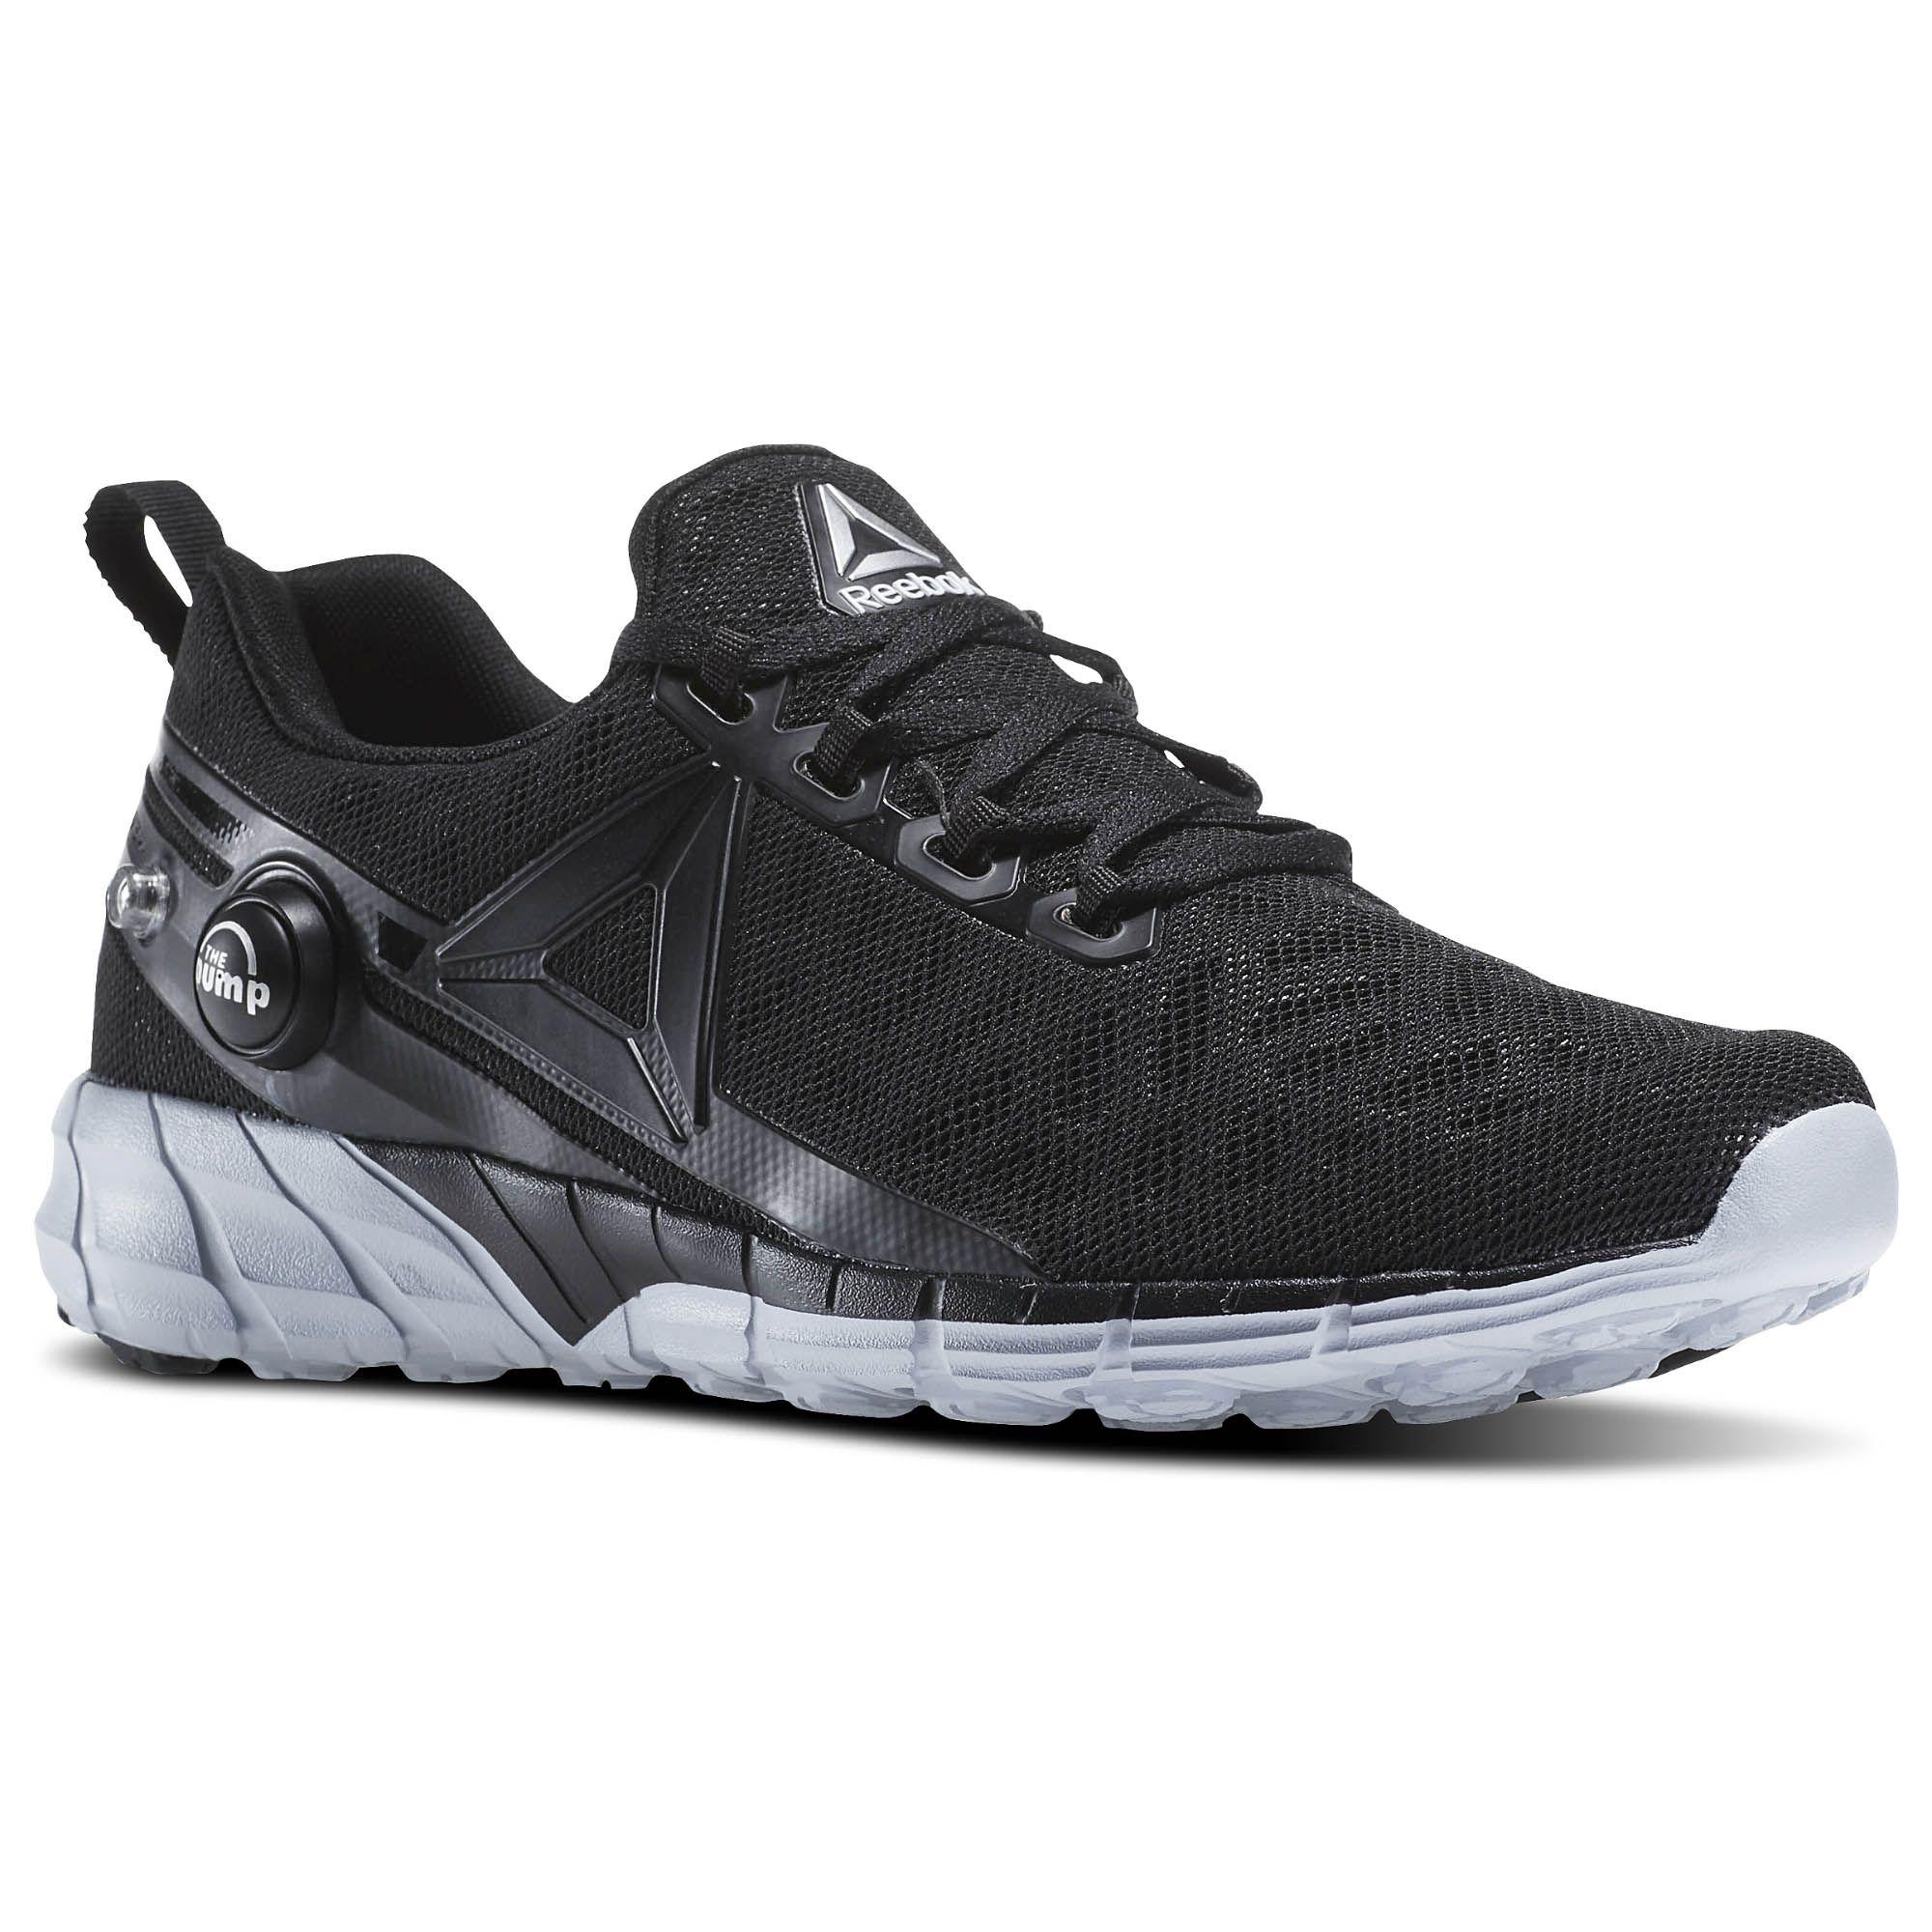 Reebok ZPump Fusion 2.0 / 2.5 Men's or Women's Running/Training Shoes $45  Free Shipping